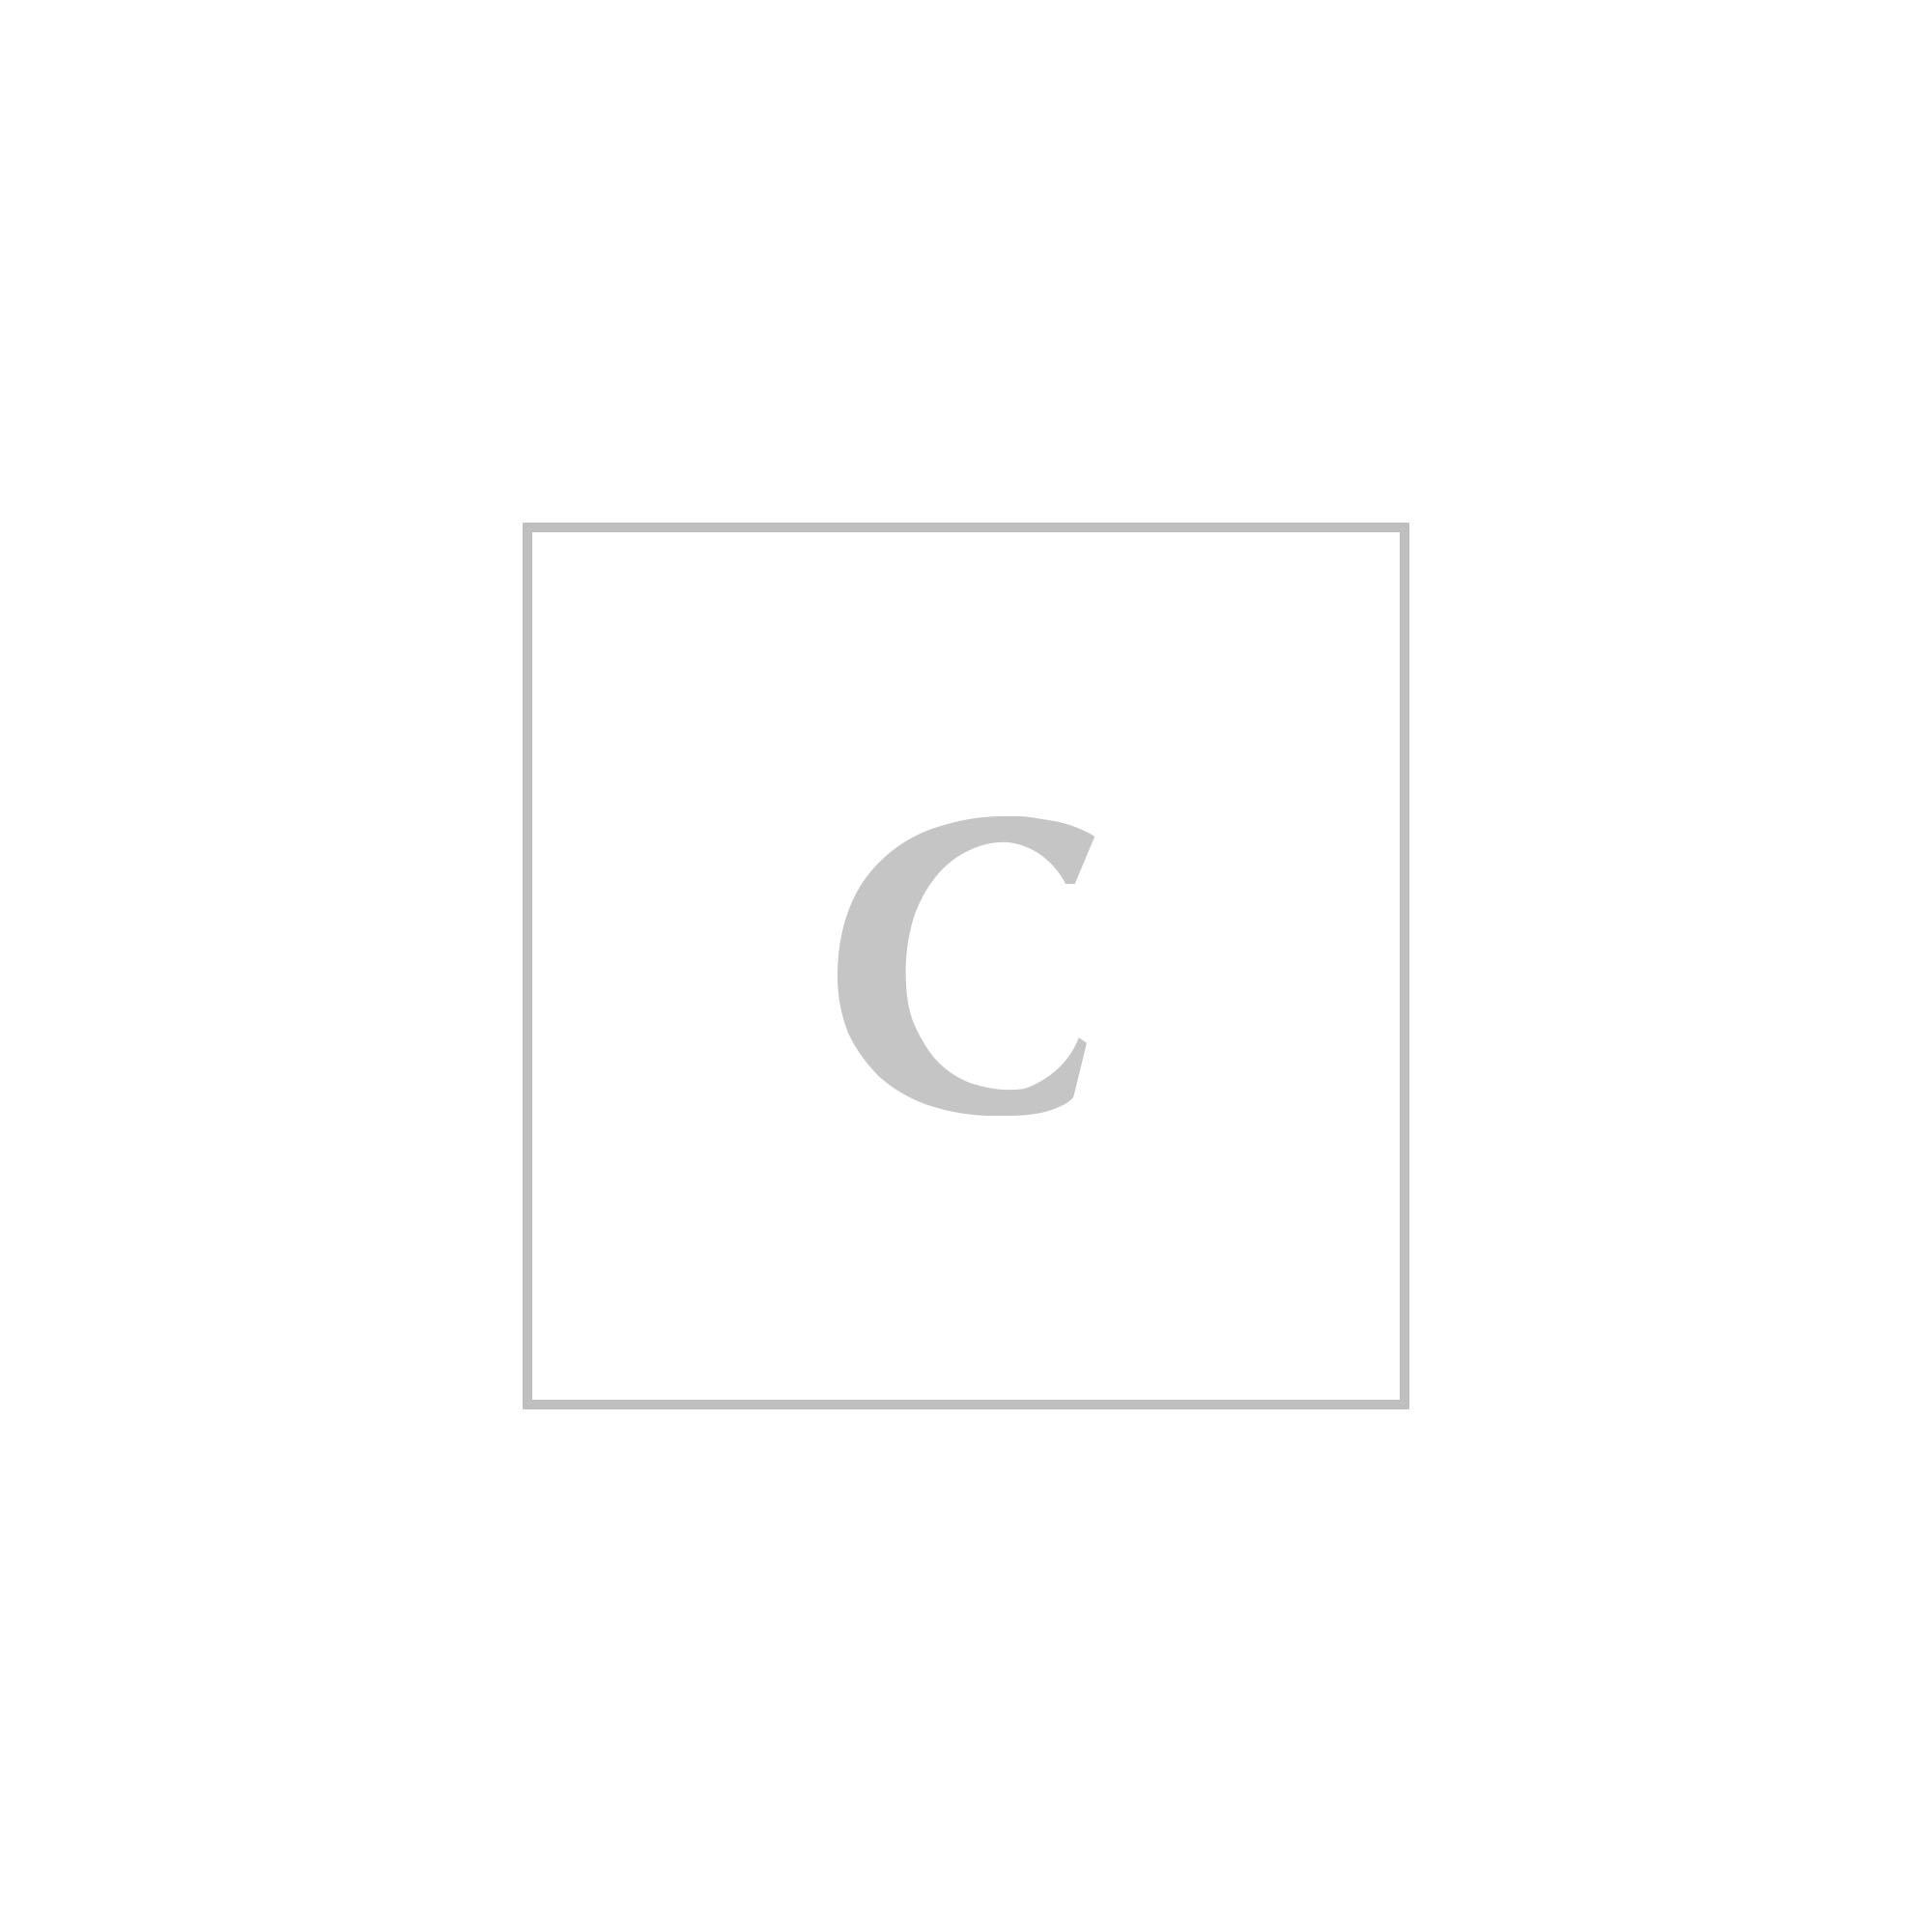 Zanellato borsa nina s linea cachemire pura ... 7f2c6546ca3